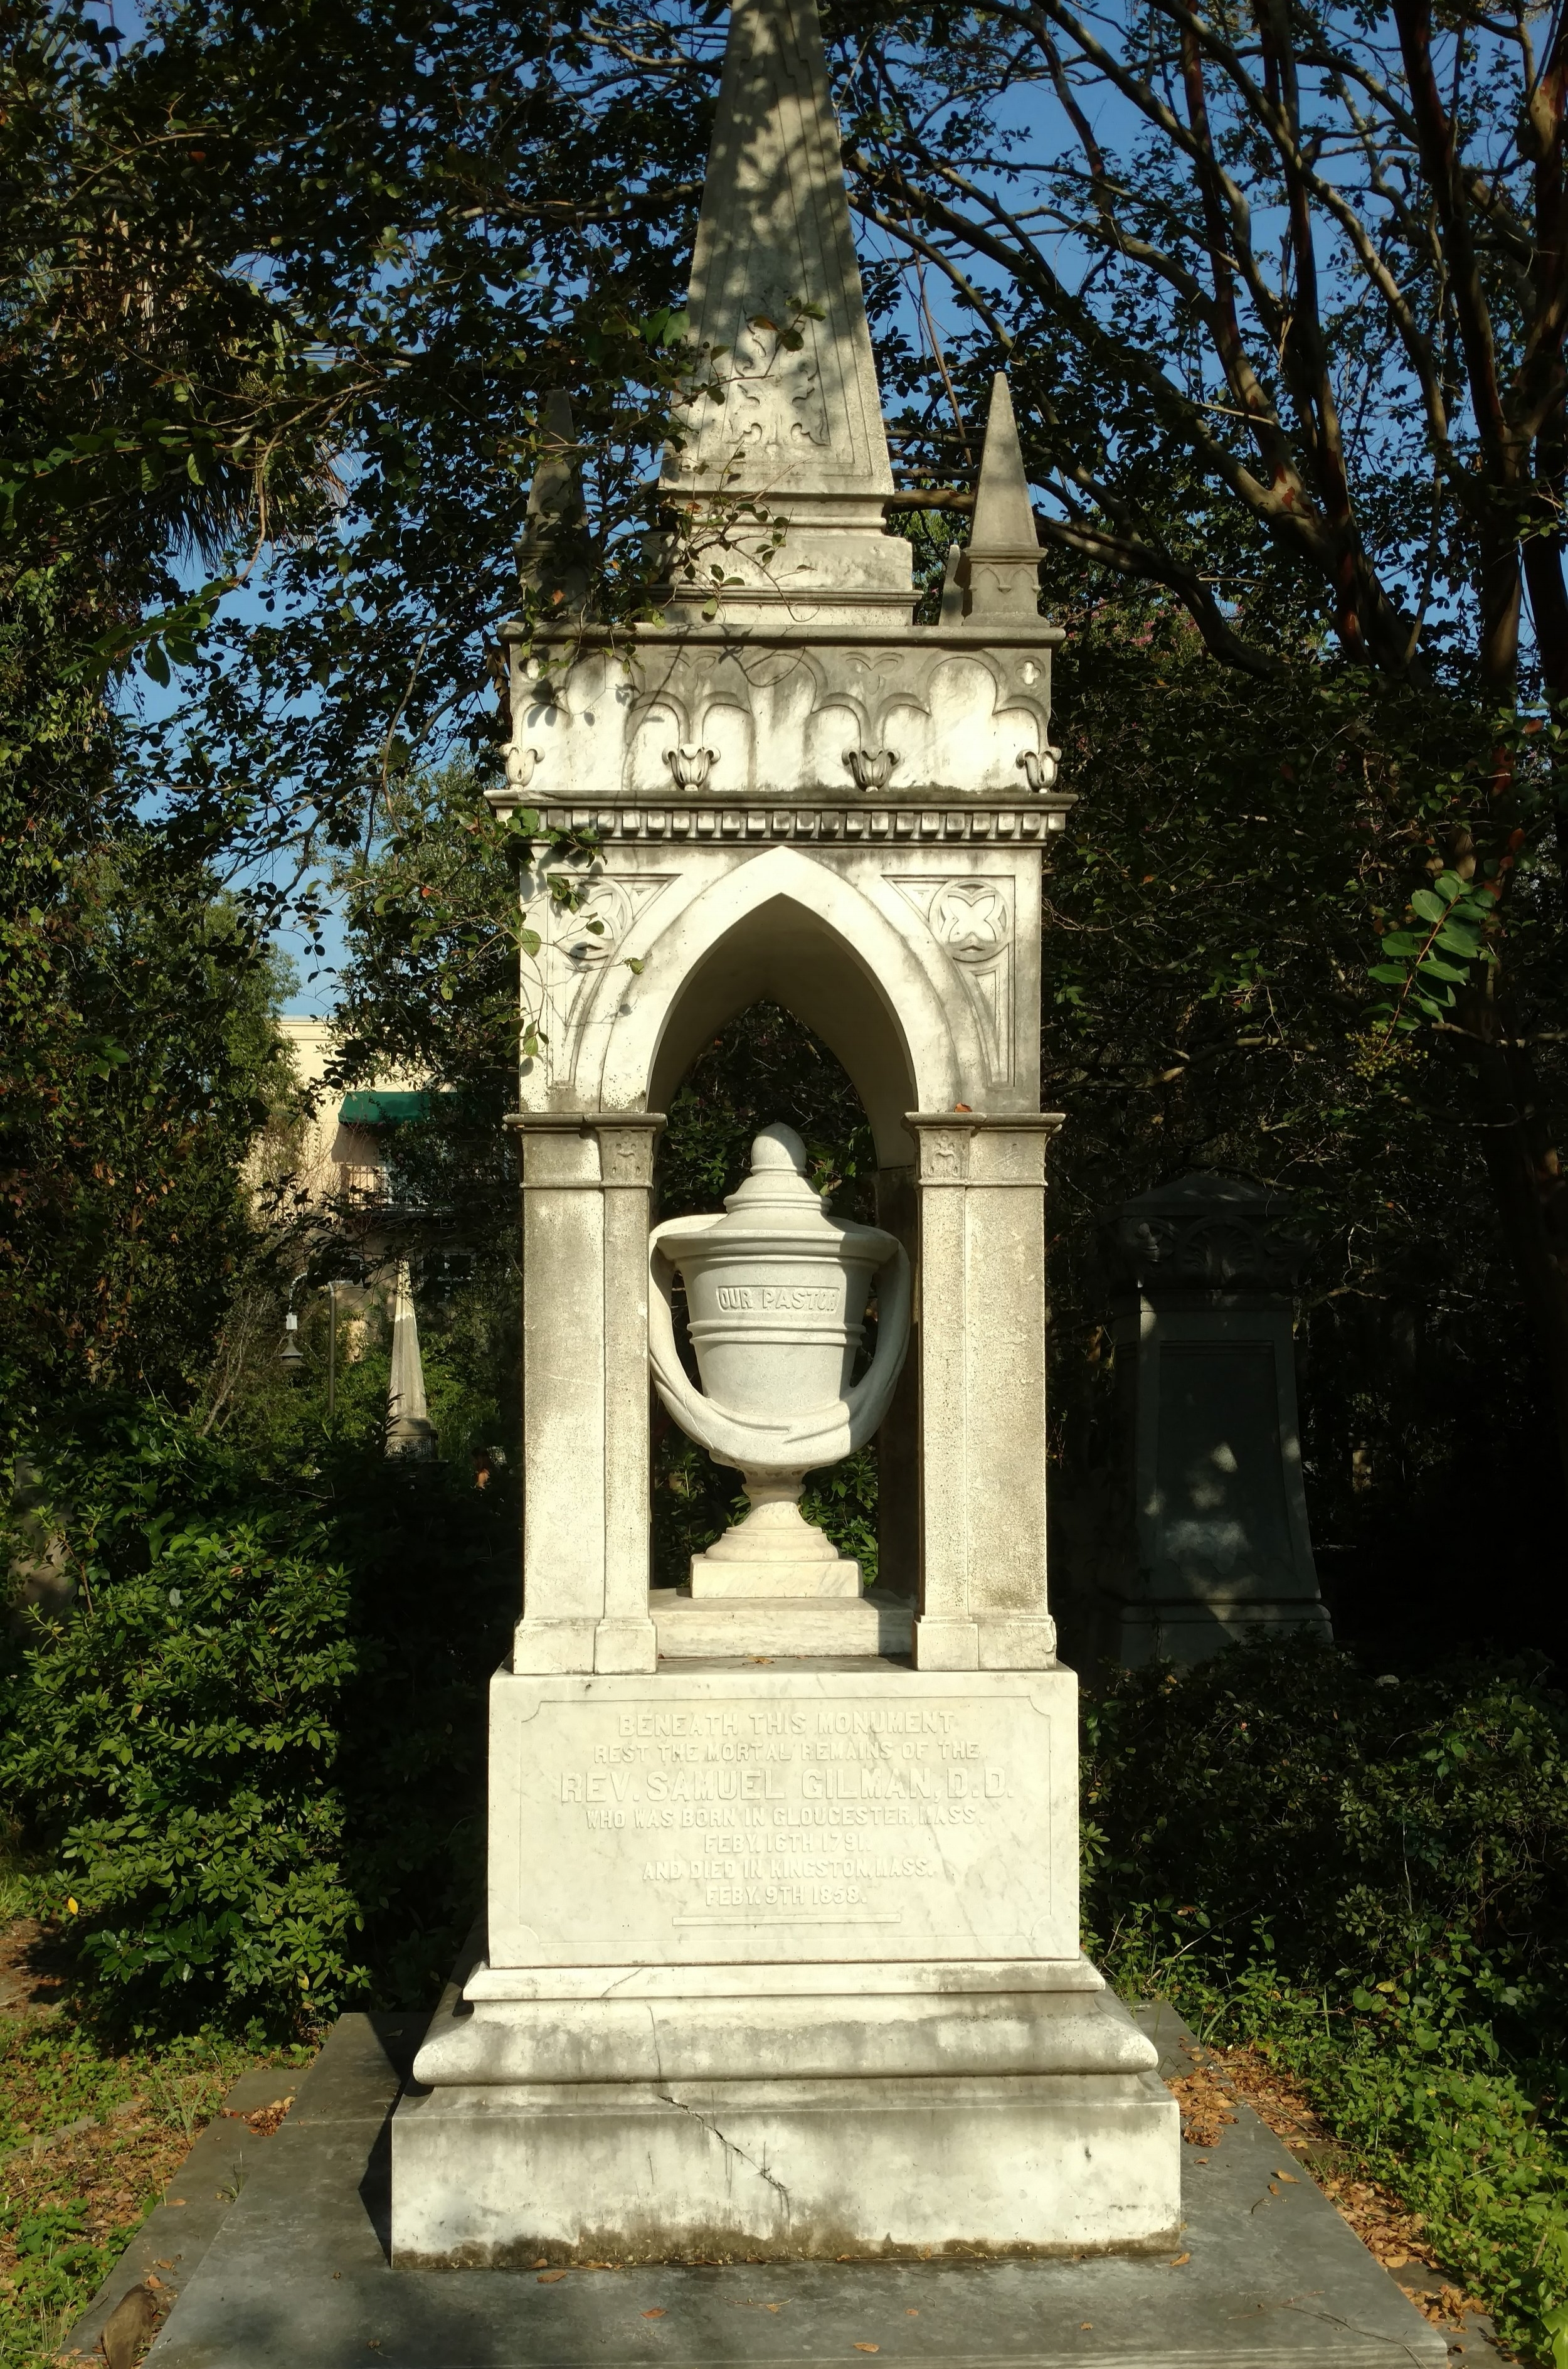 The Unitarian Church Graveyard